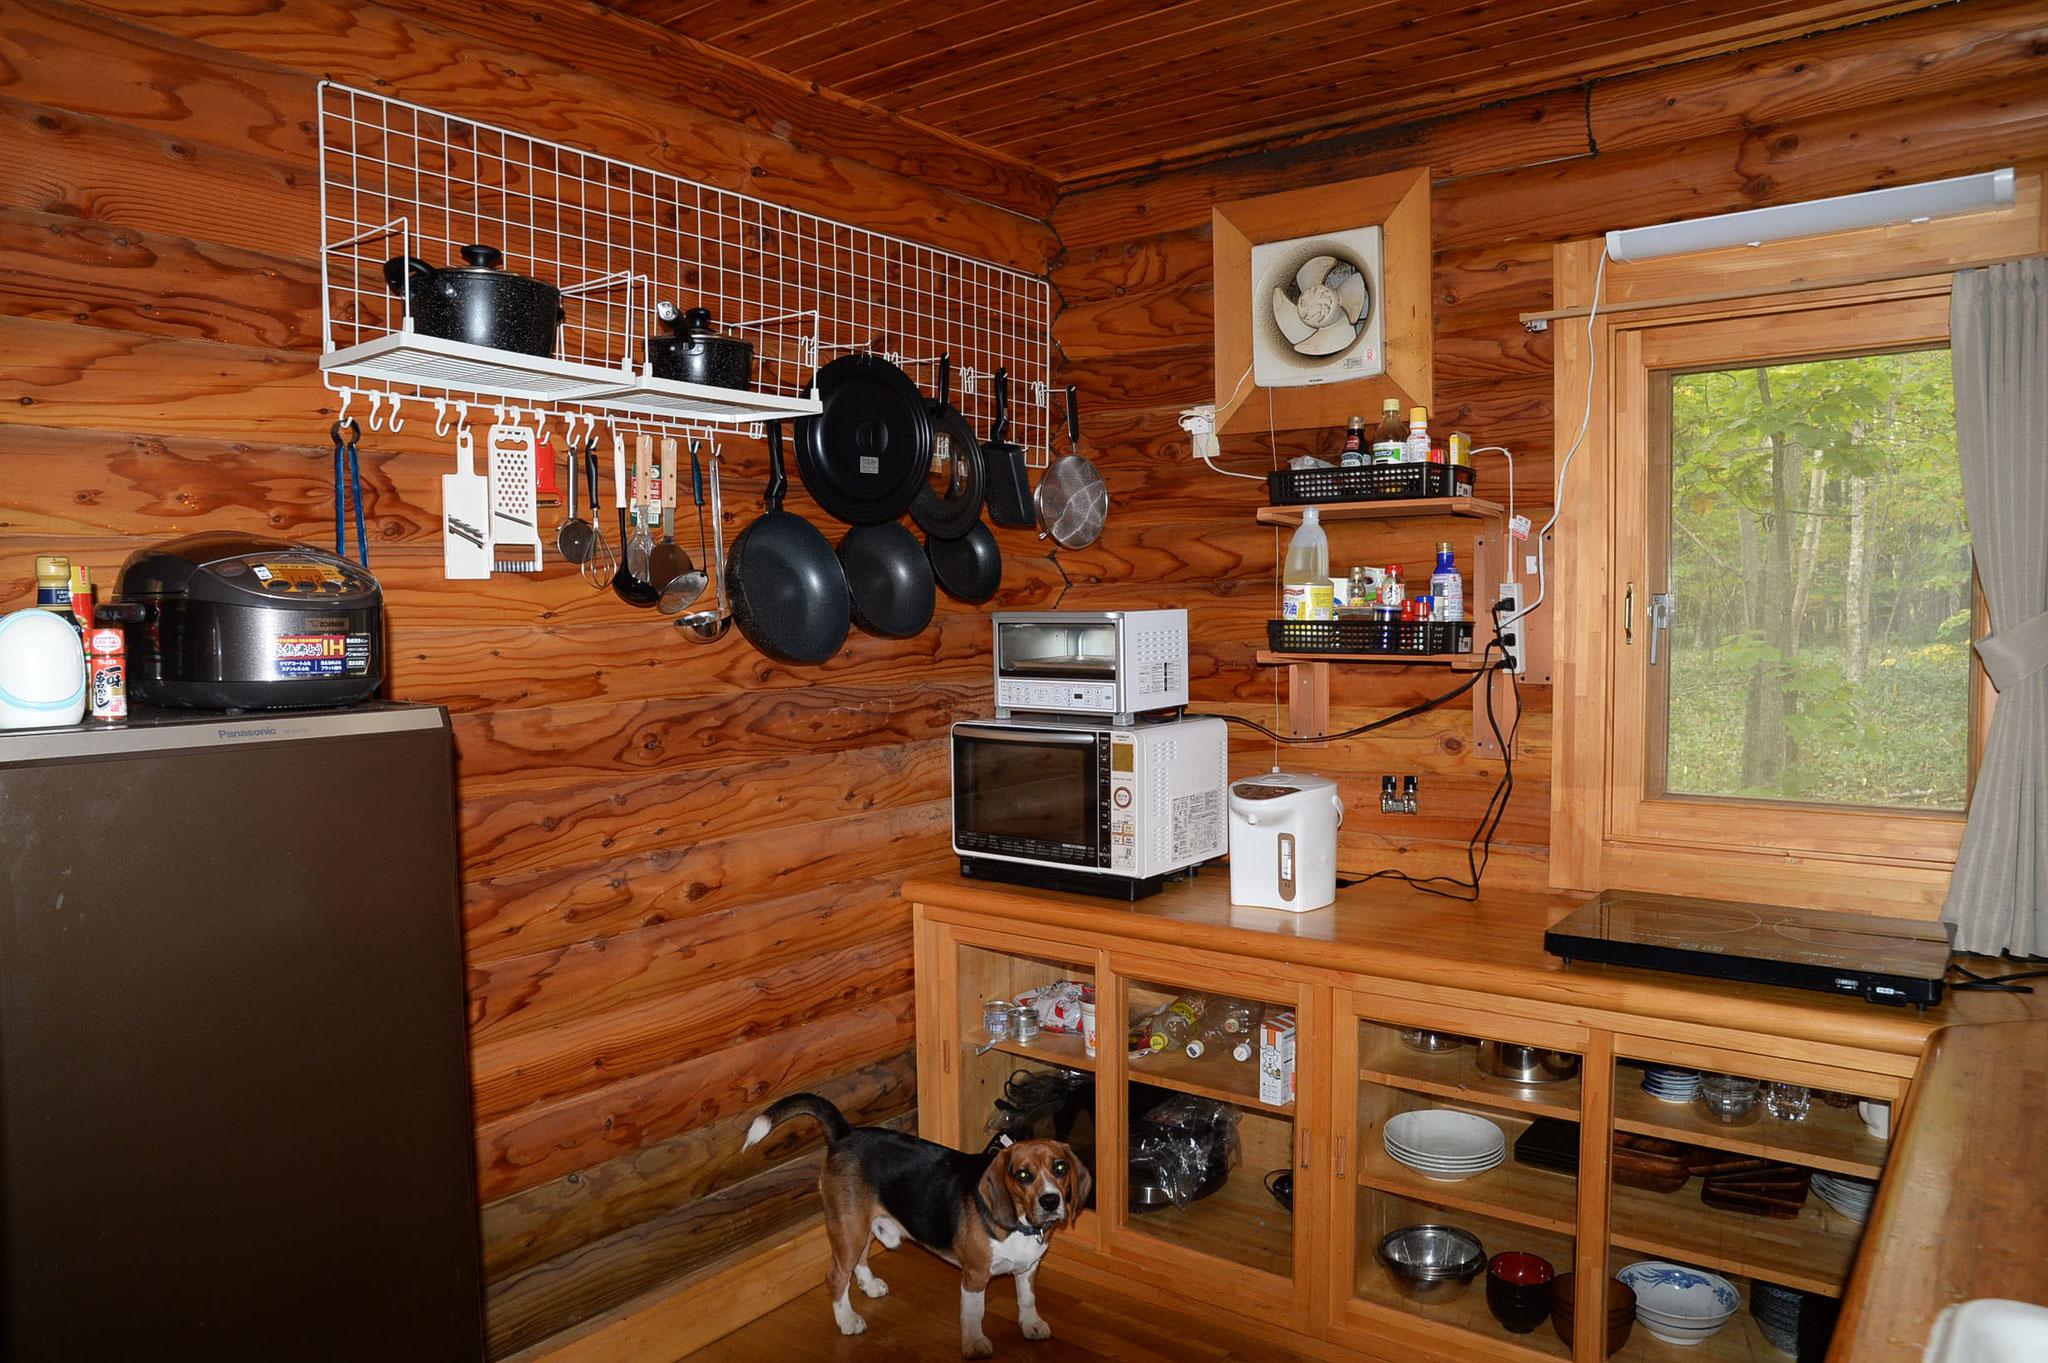 キッチン;調理に必要な物は全部揃ってます。ジョンのお気に入りの場所です。